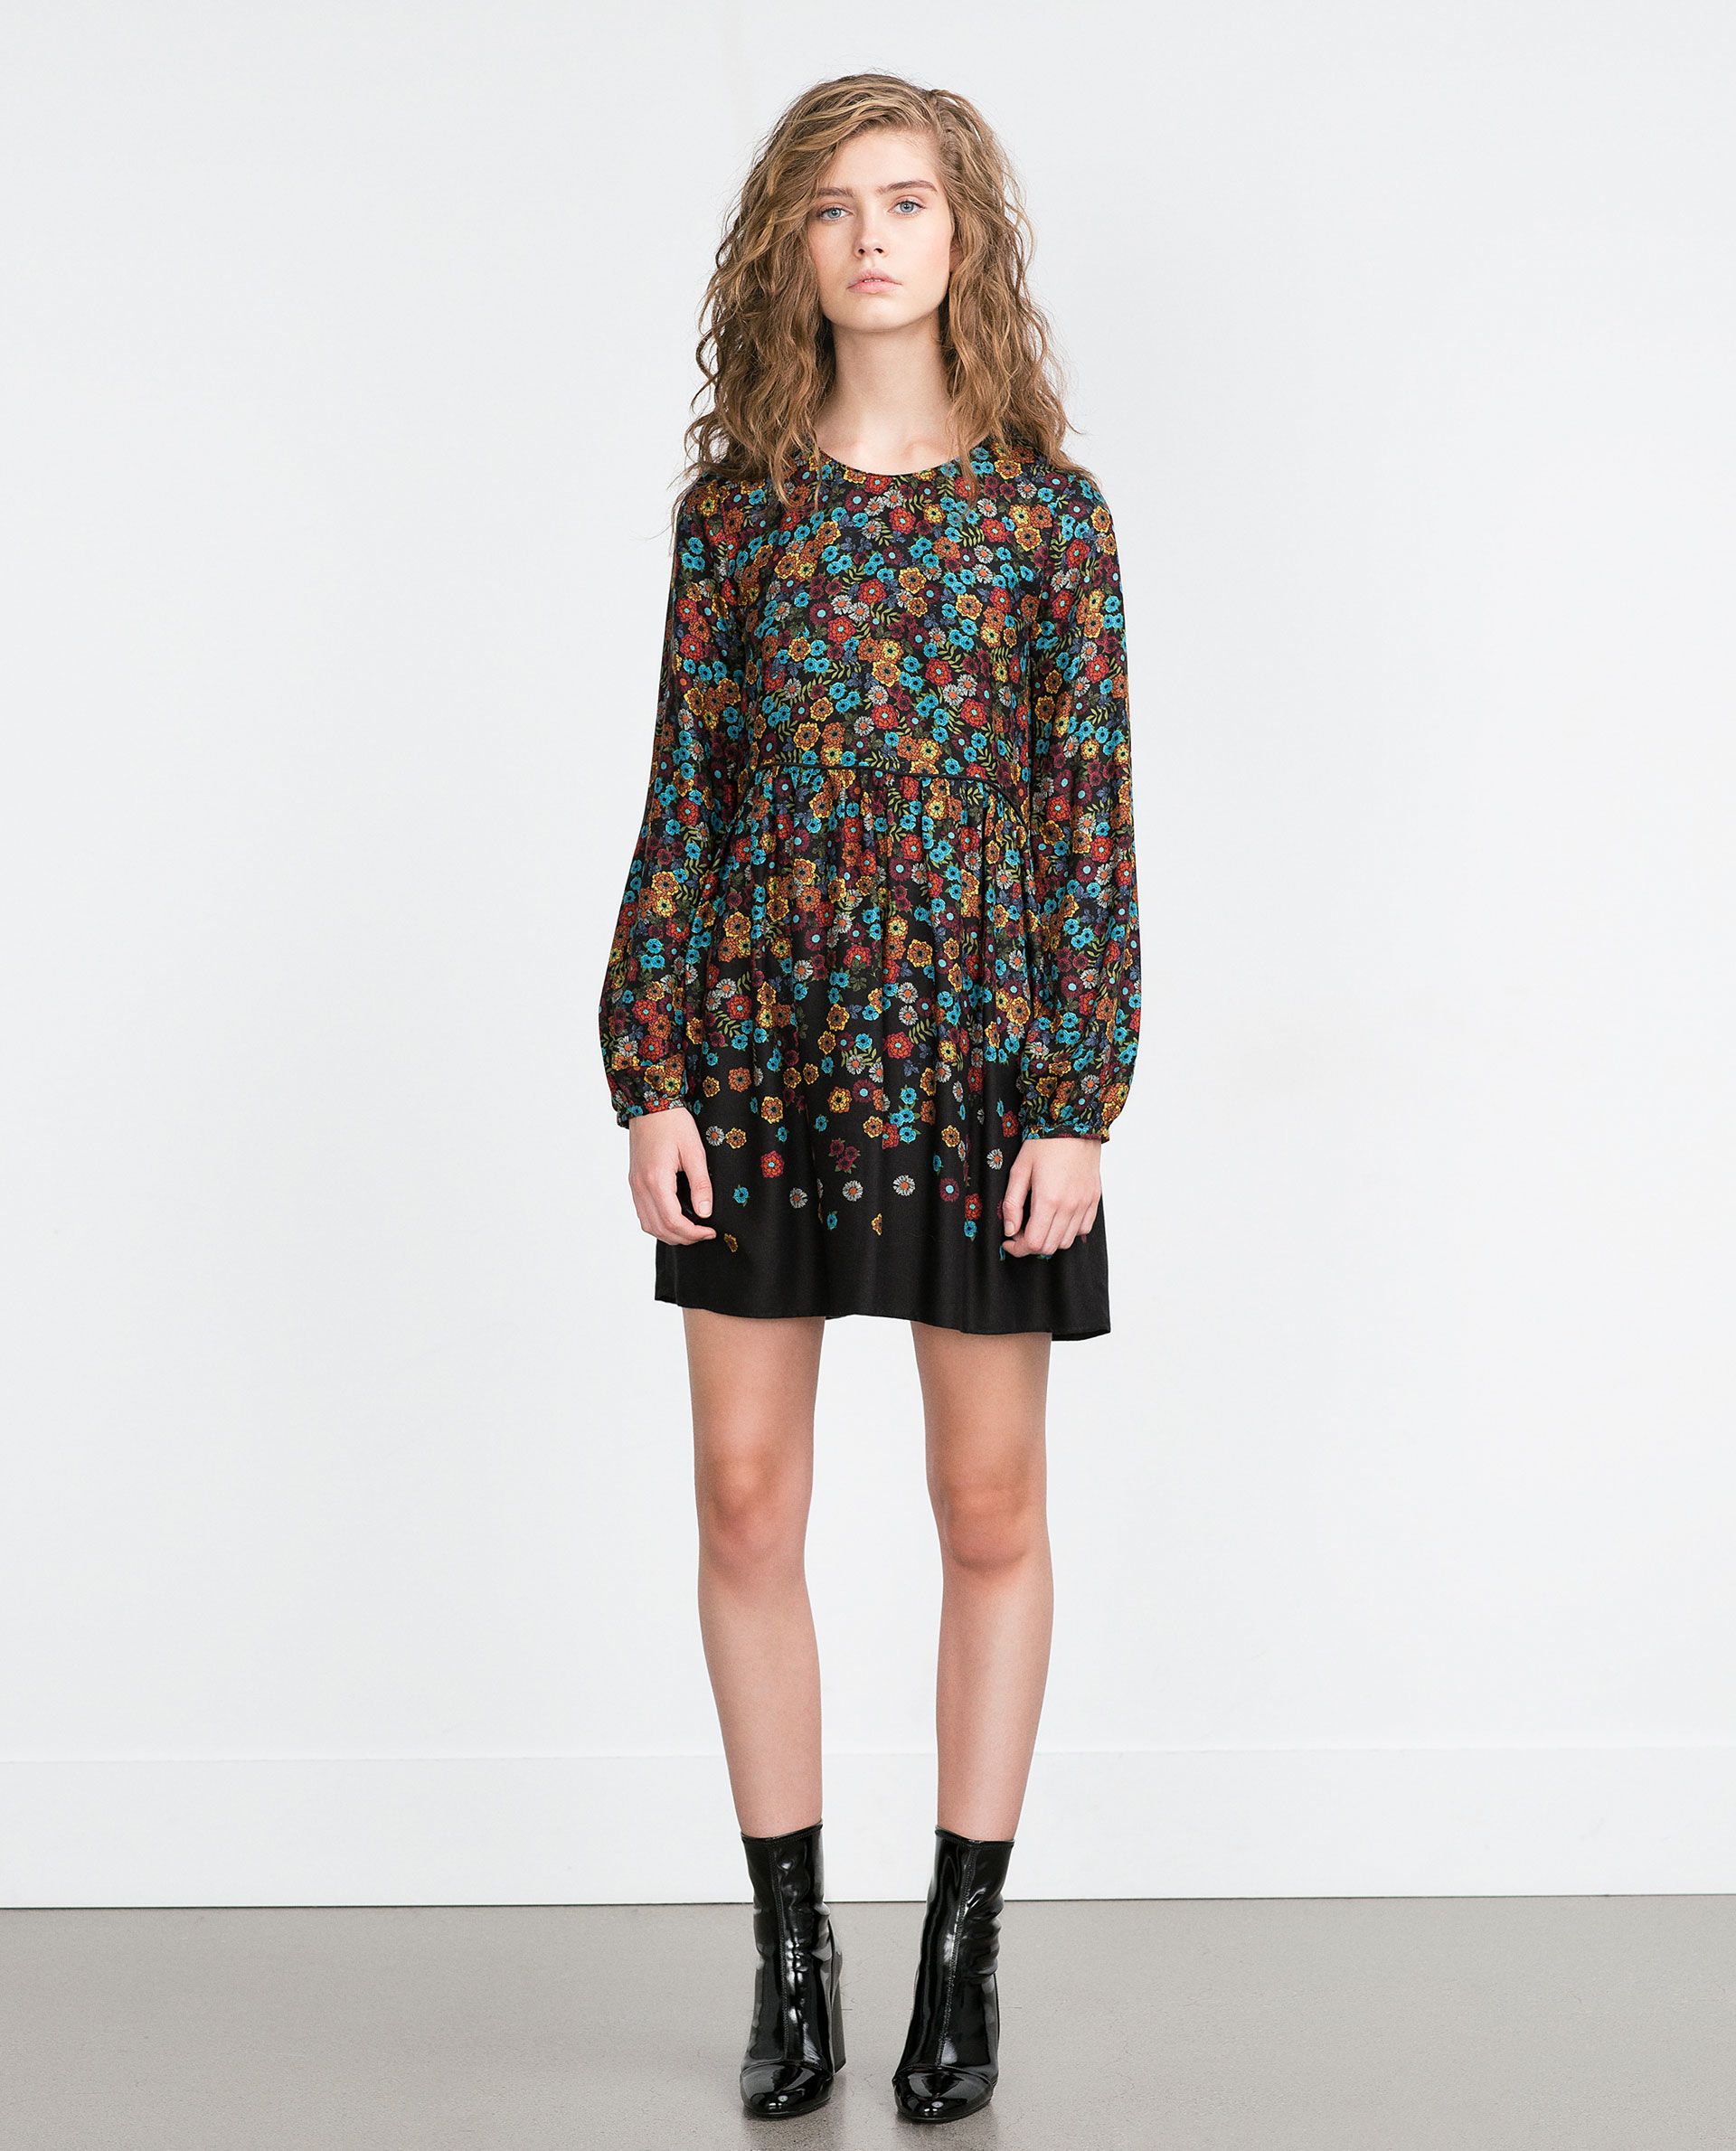 Nordstrom Bodycon Dresses